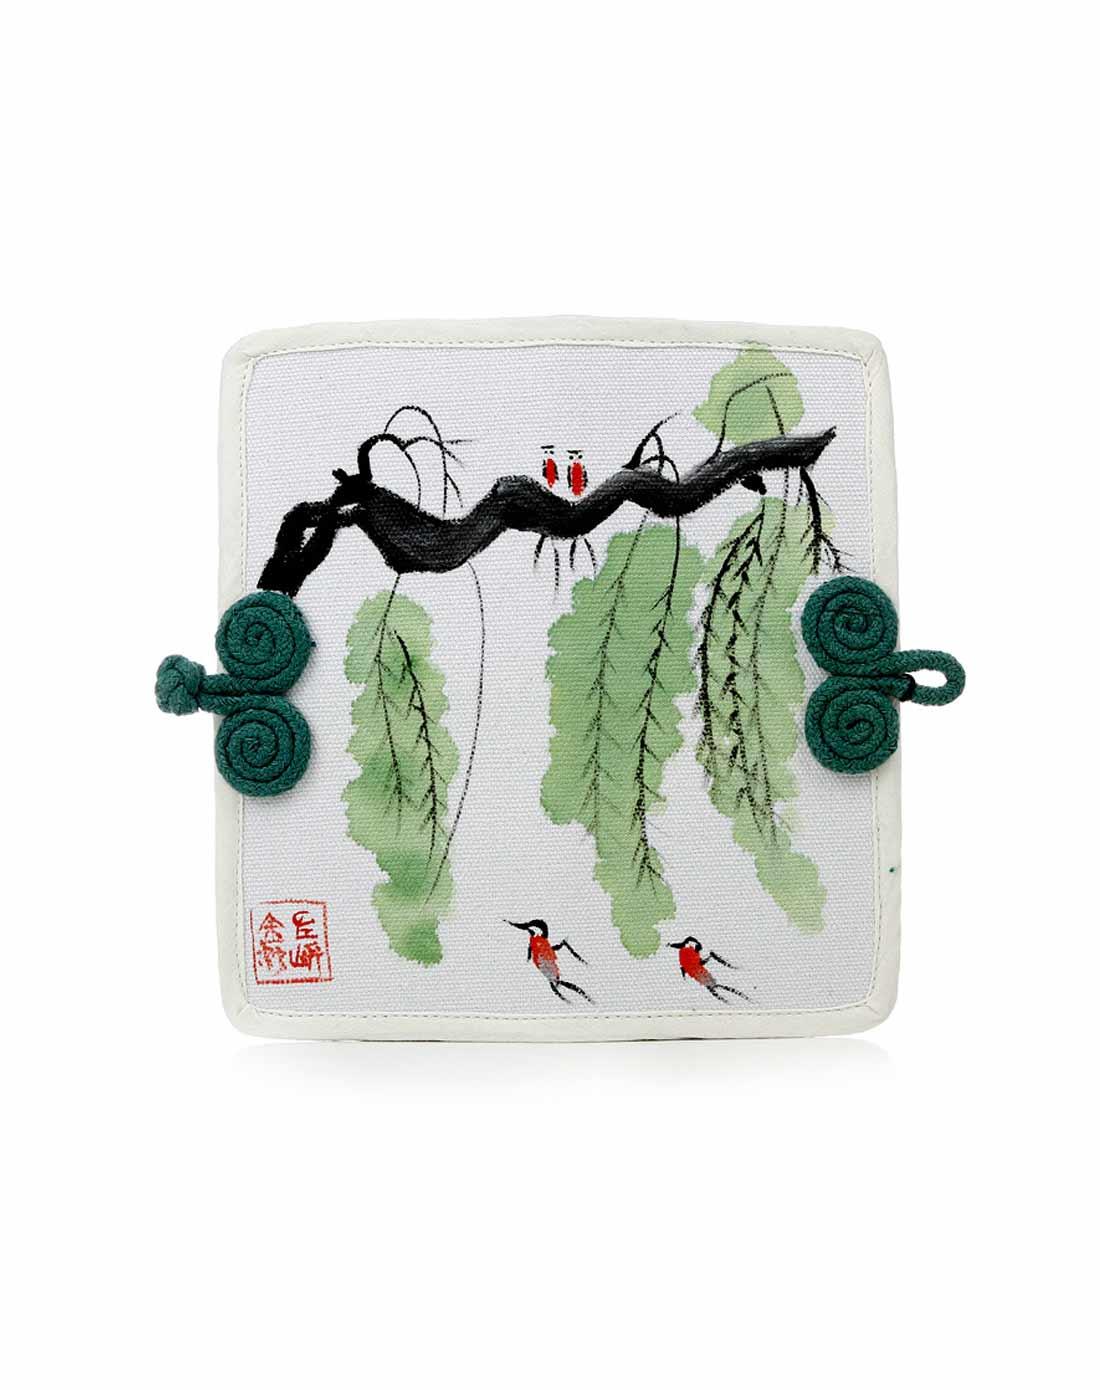 (燕鸣垂柳)中国风手绘帆布钱包